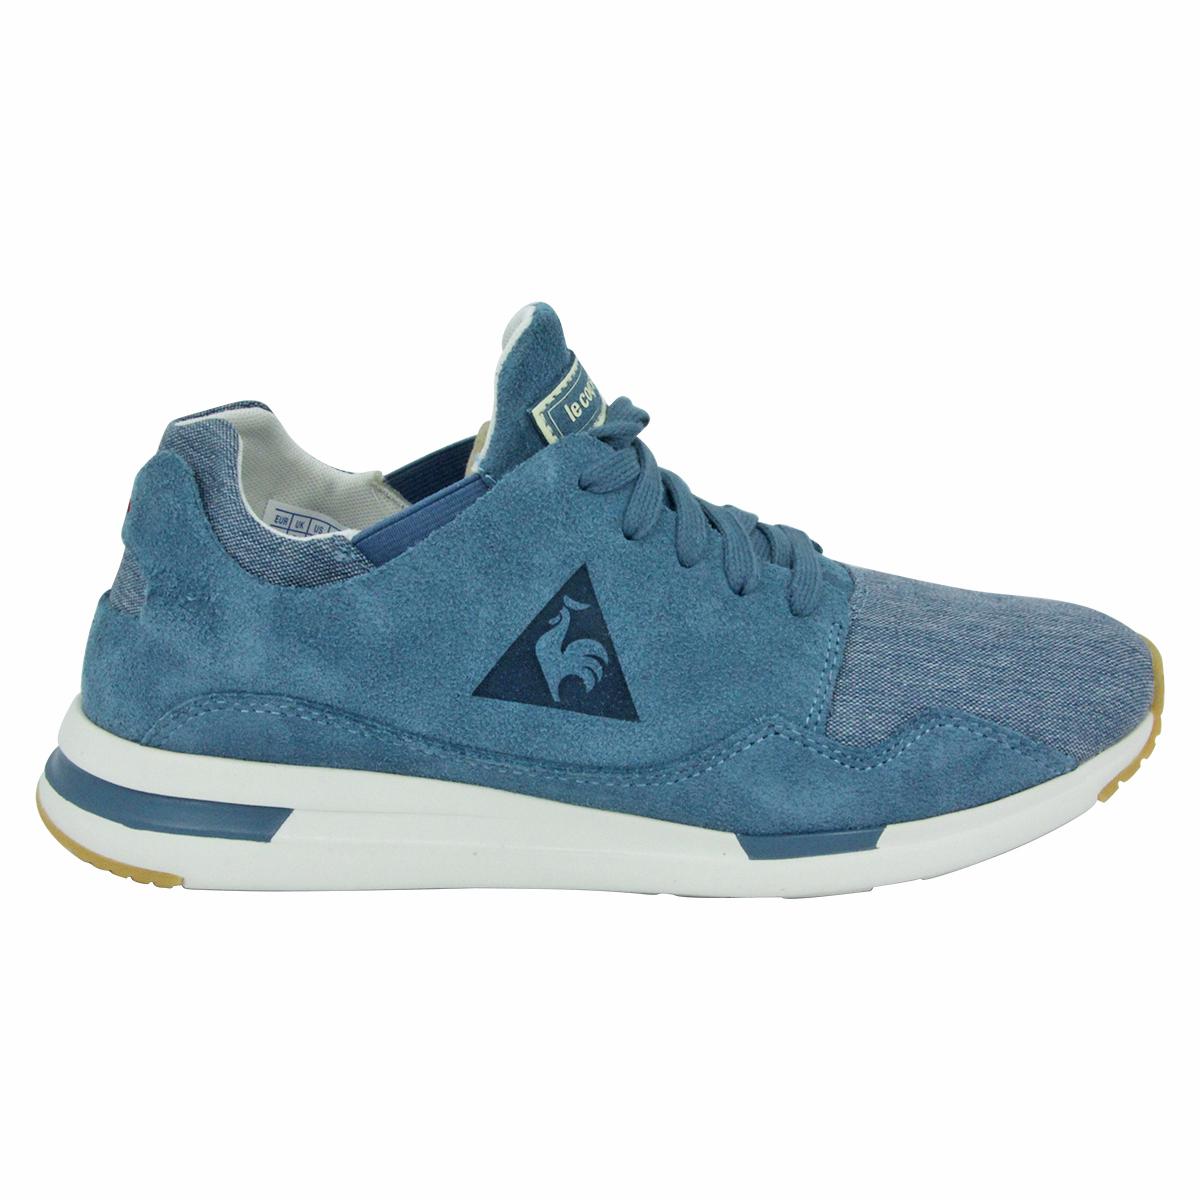 najlepiej sprzedający się przybywa klasyczne dopasowanie LE COQ SPORTIF PURE SUMMER CRAFT Men Sneakers Shoes - £51.94 ...